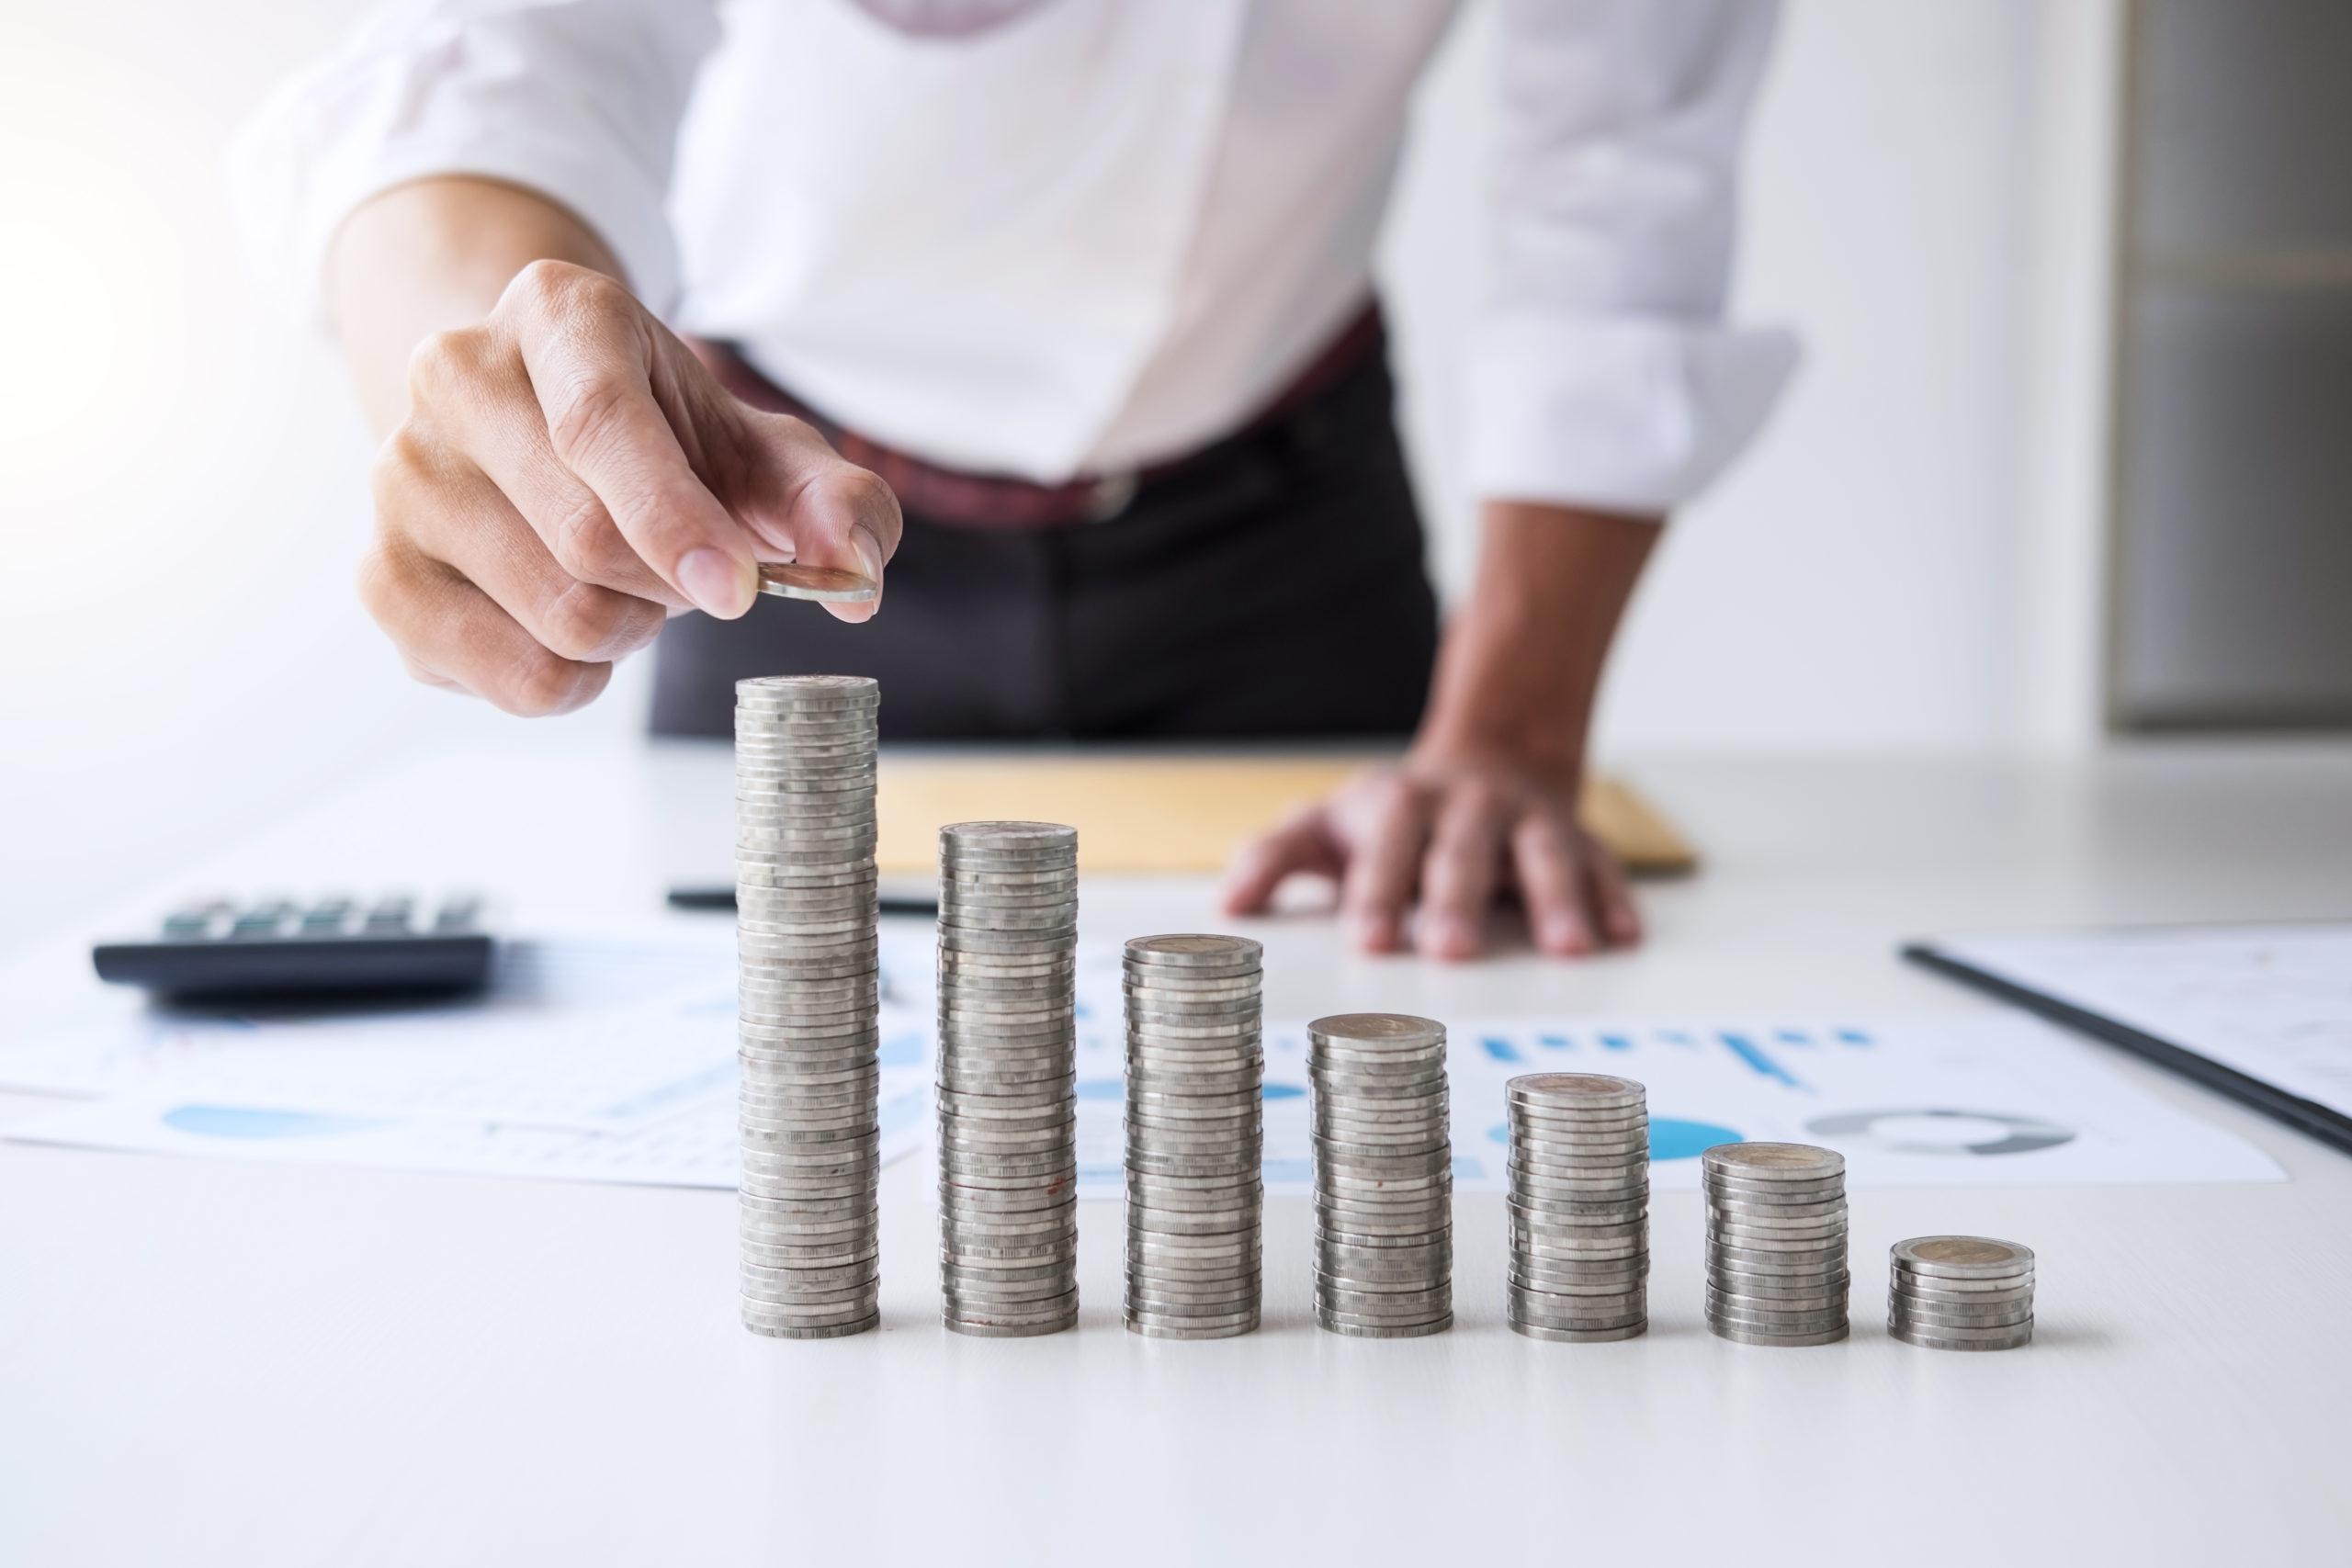 オンラインカジノの資金管理